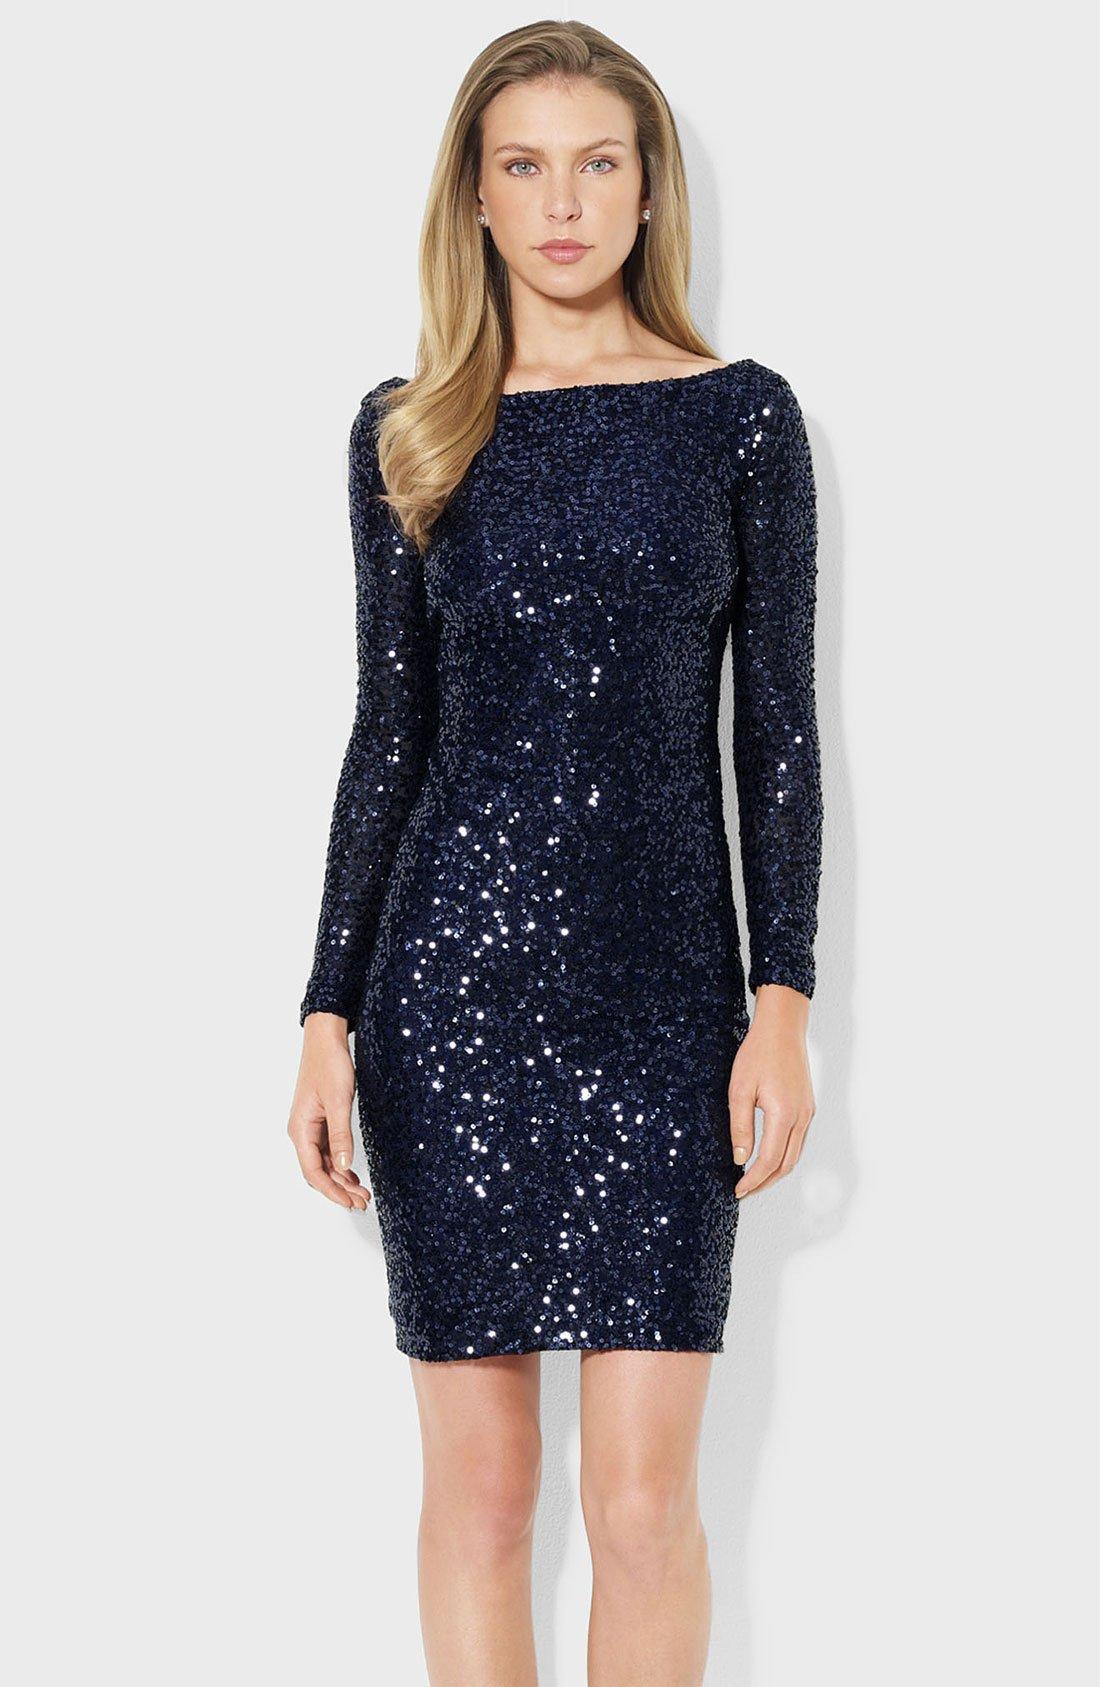 Ralph Lauren Holiday Dress